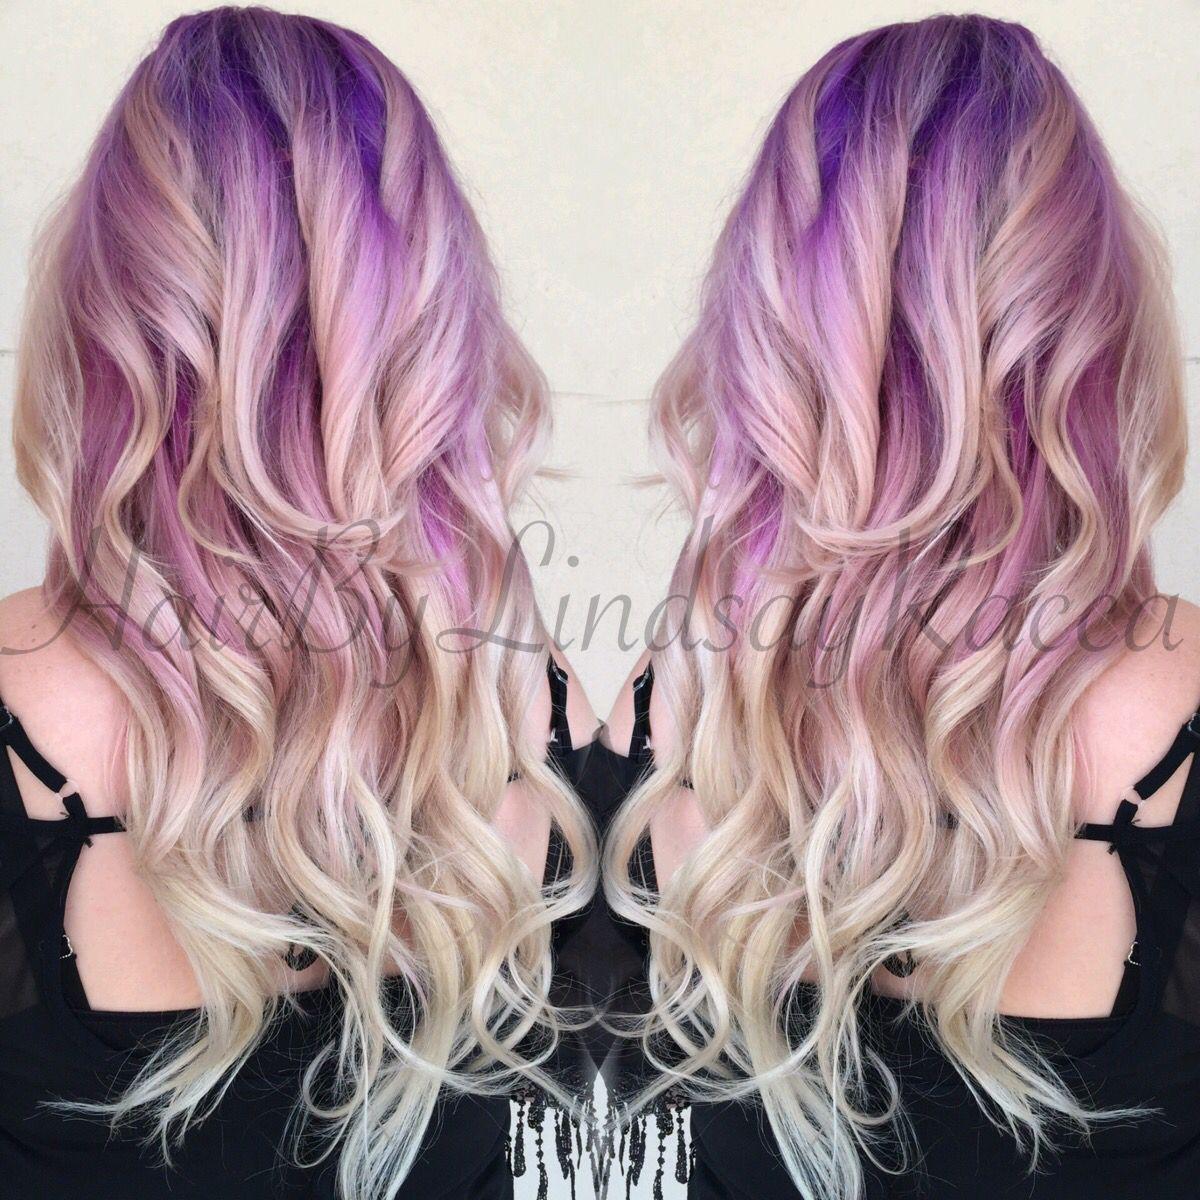 #purpletoblondeombre #purpleombre #blondeombre #ombre #longhair #purplehair #lavenderhair #extensions #modernsalon #btcpics #americansalon #angelofcolour #hotonbeauty #allaboutdahair #beautylaunchpad #hairunited #instahair #hairbrained #vividhair #hair #haircut #hairstyle #hairstylist #colorspecialist #haircolor #colorist #batonrouge #batonrougestylist #batonrougehair #vividstudio #hairbylindsayracca #hairhero #btc #effboringhair